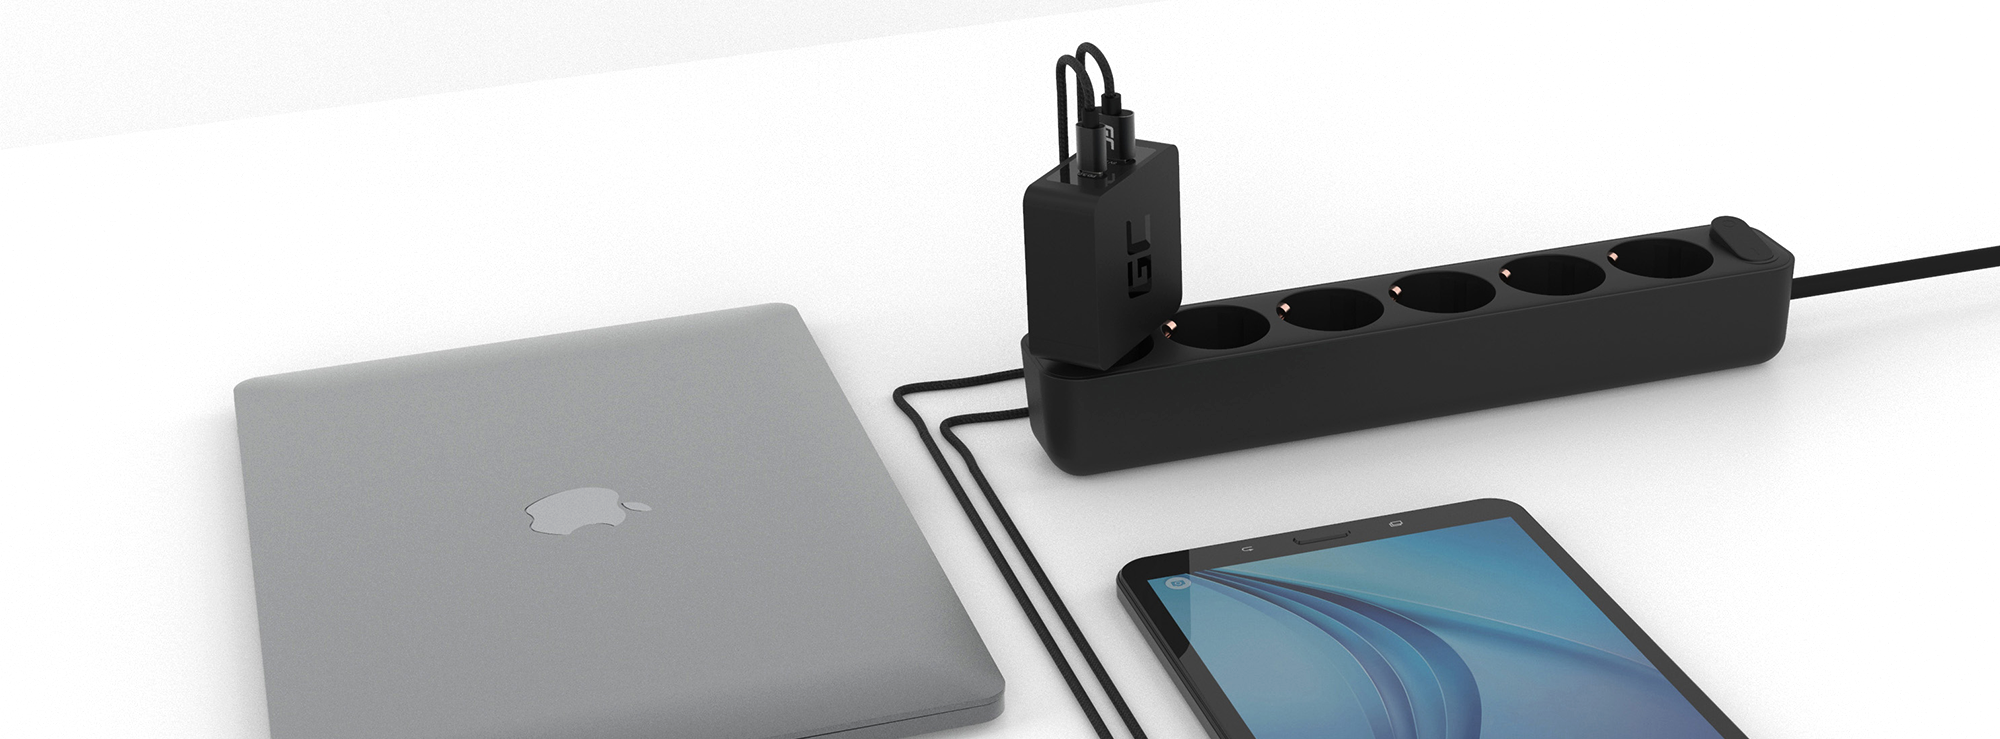 Ładowarka USB-C Power Delivery 18W - Ładowanie telefonu